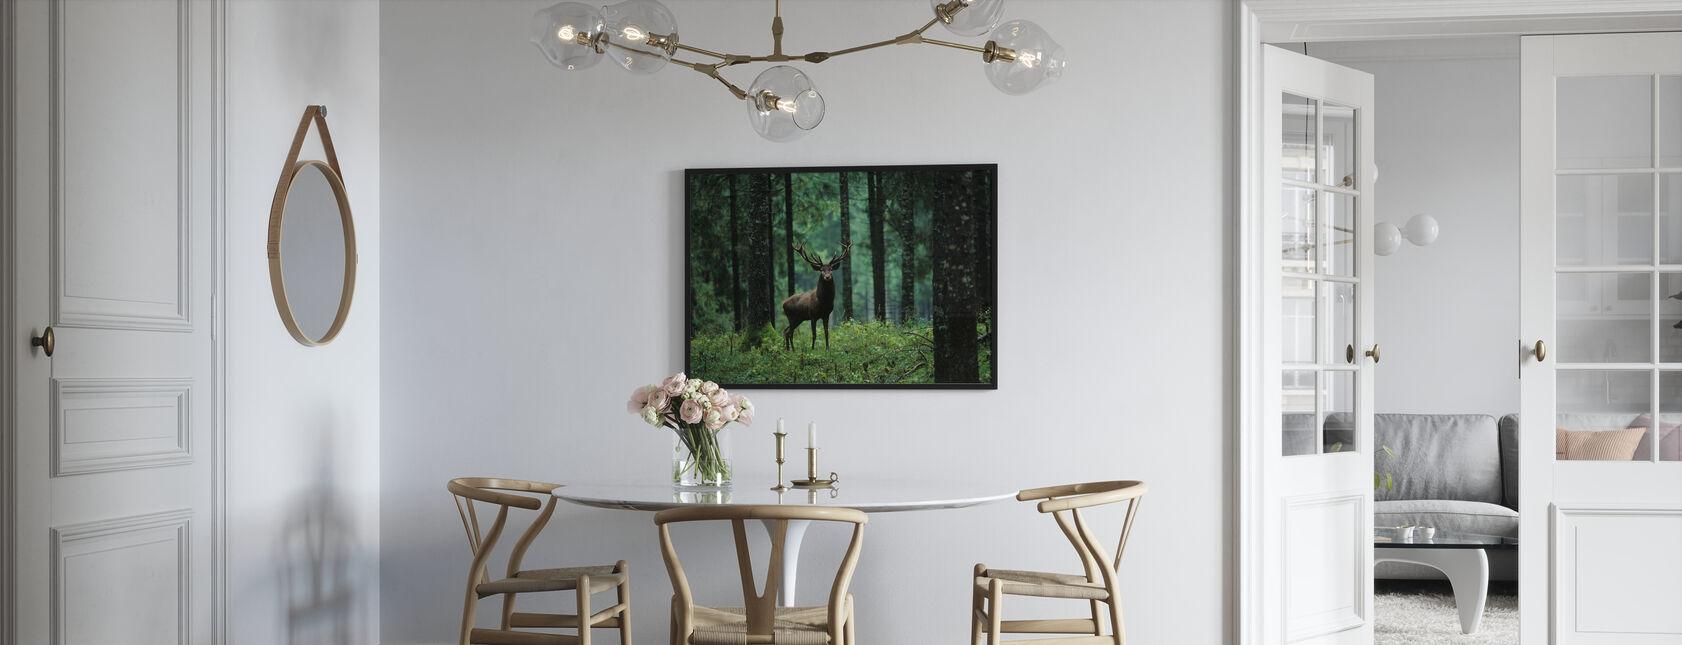 Łosie w lesie - Obraz w ramie - Kuchnia